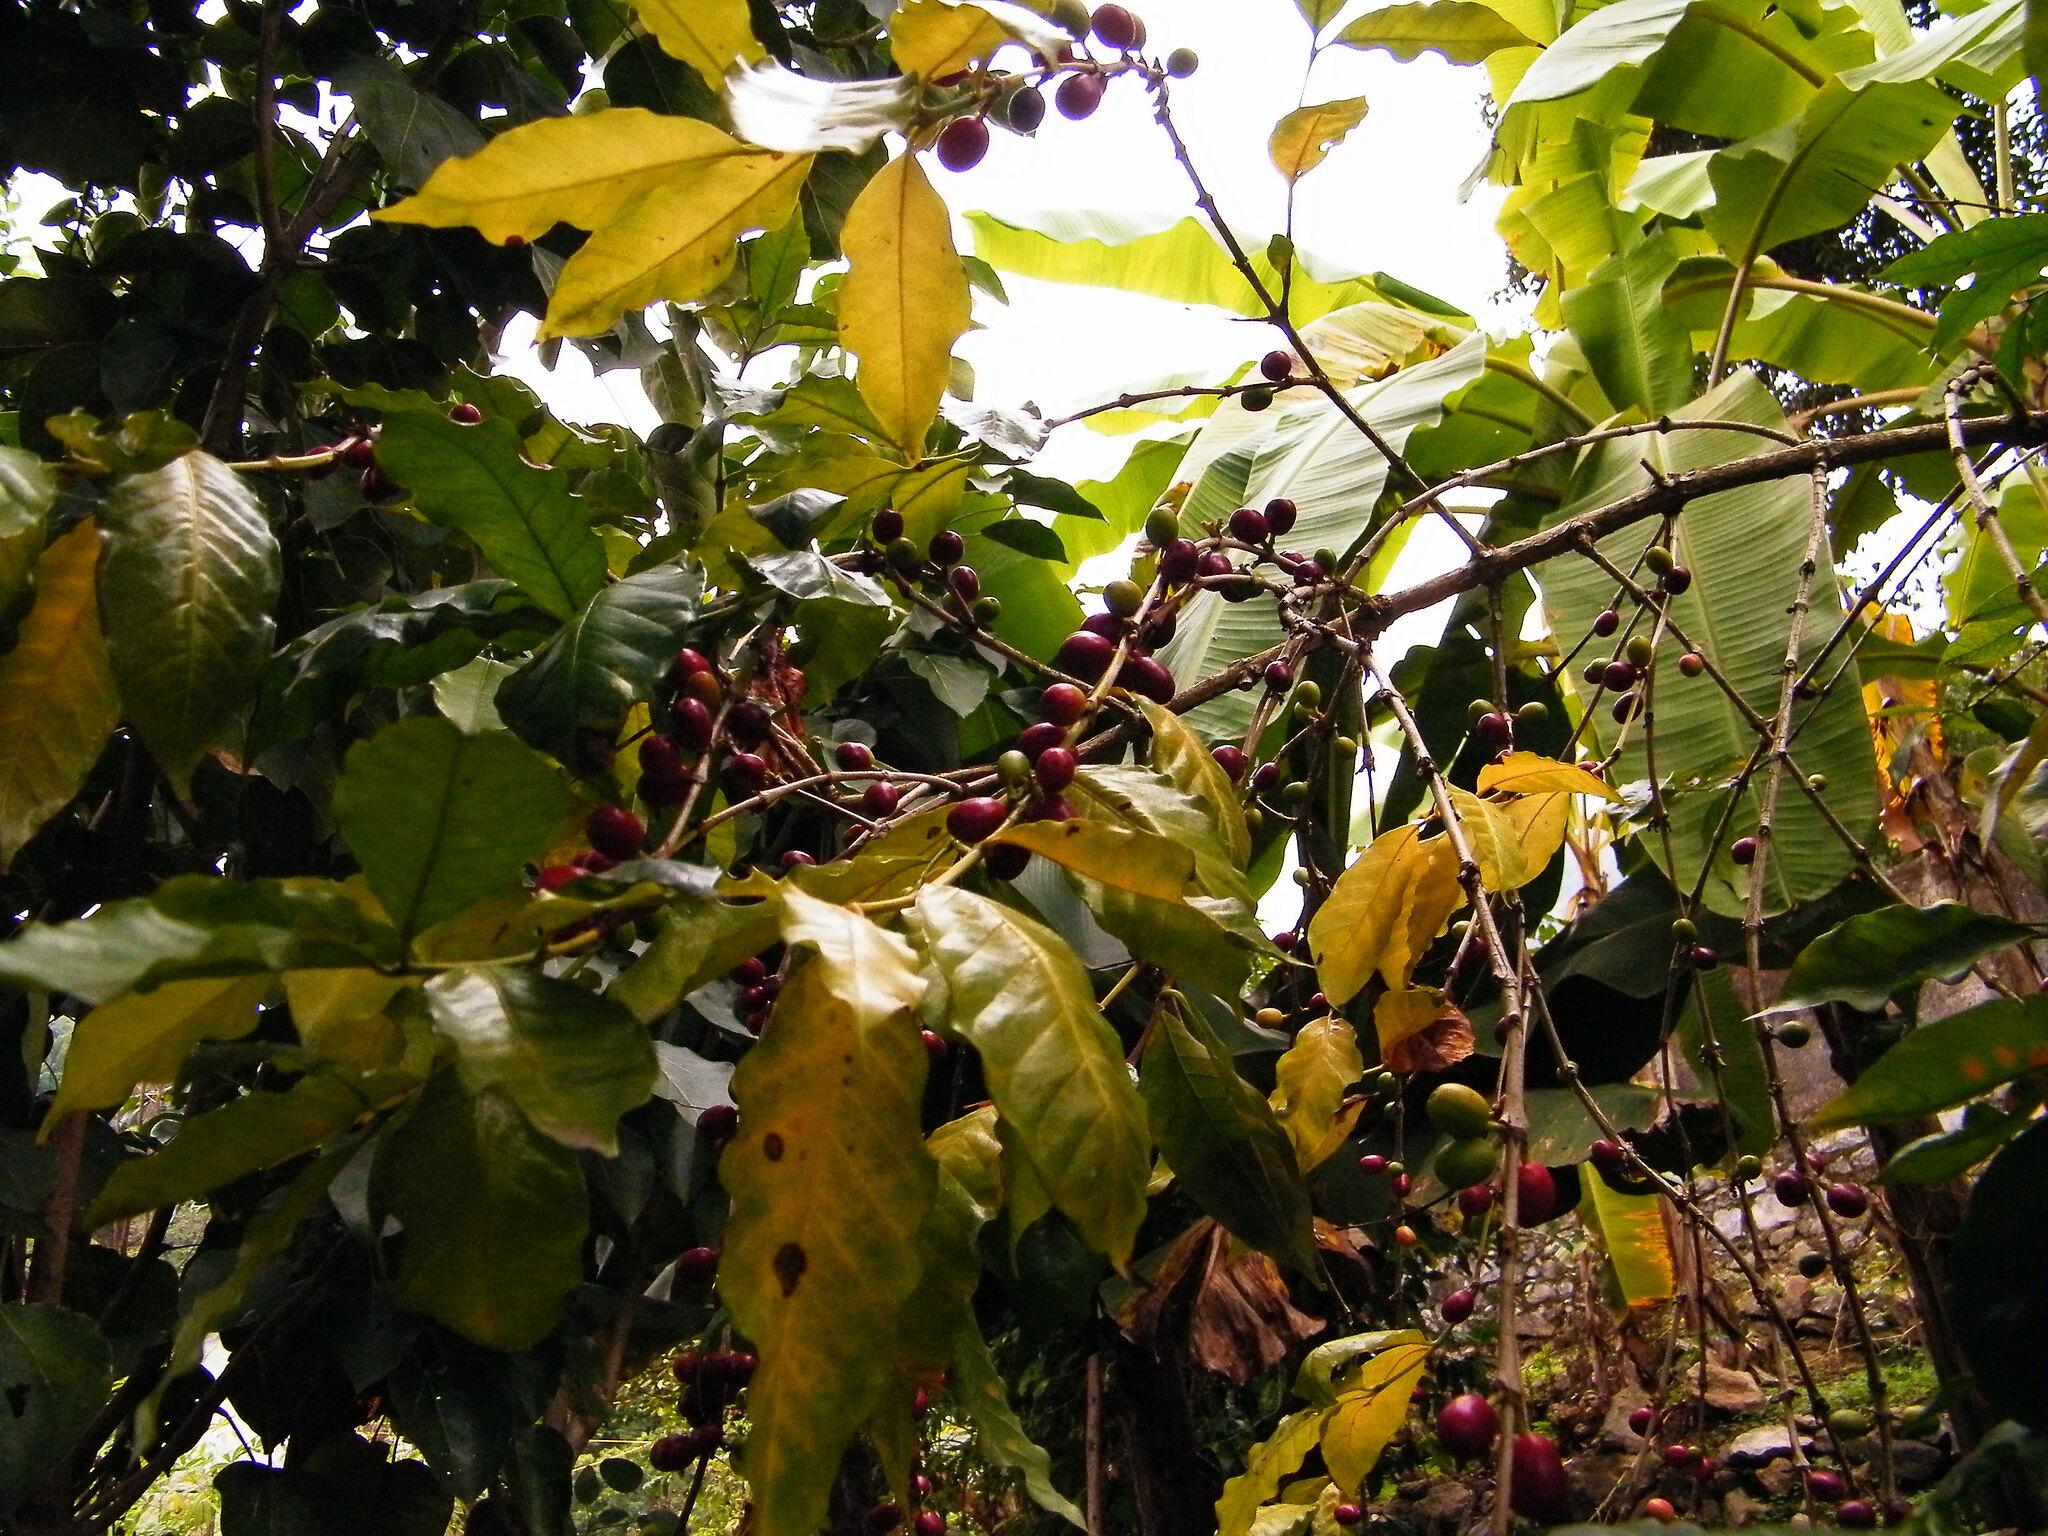 Honduras vende 276.45 mdd en café, 16.4% menos que el ciclo pasado